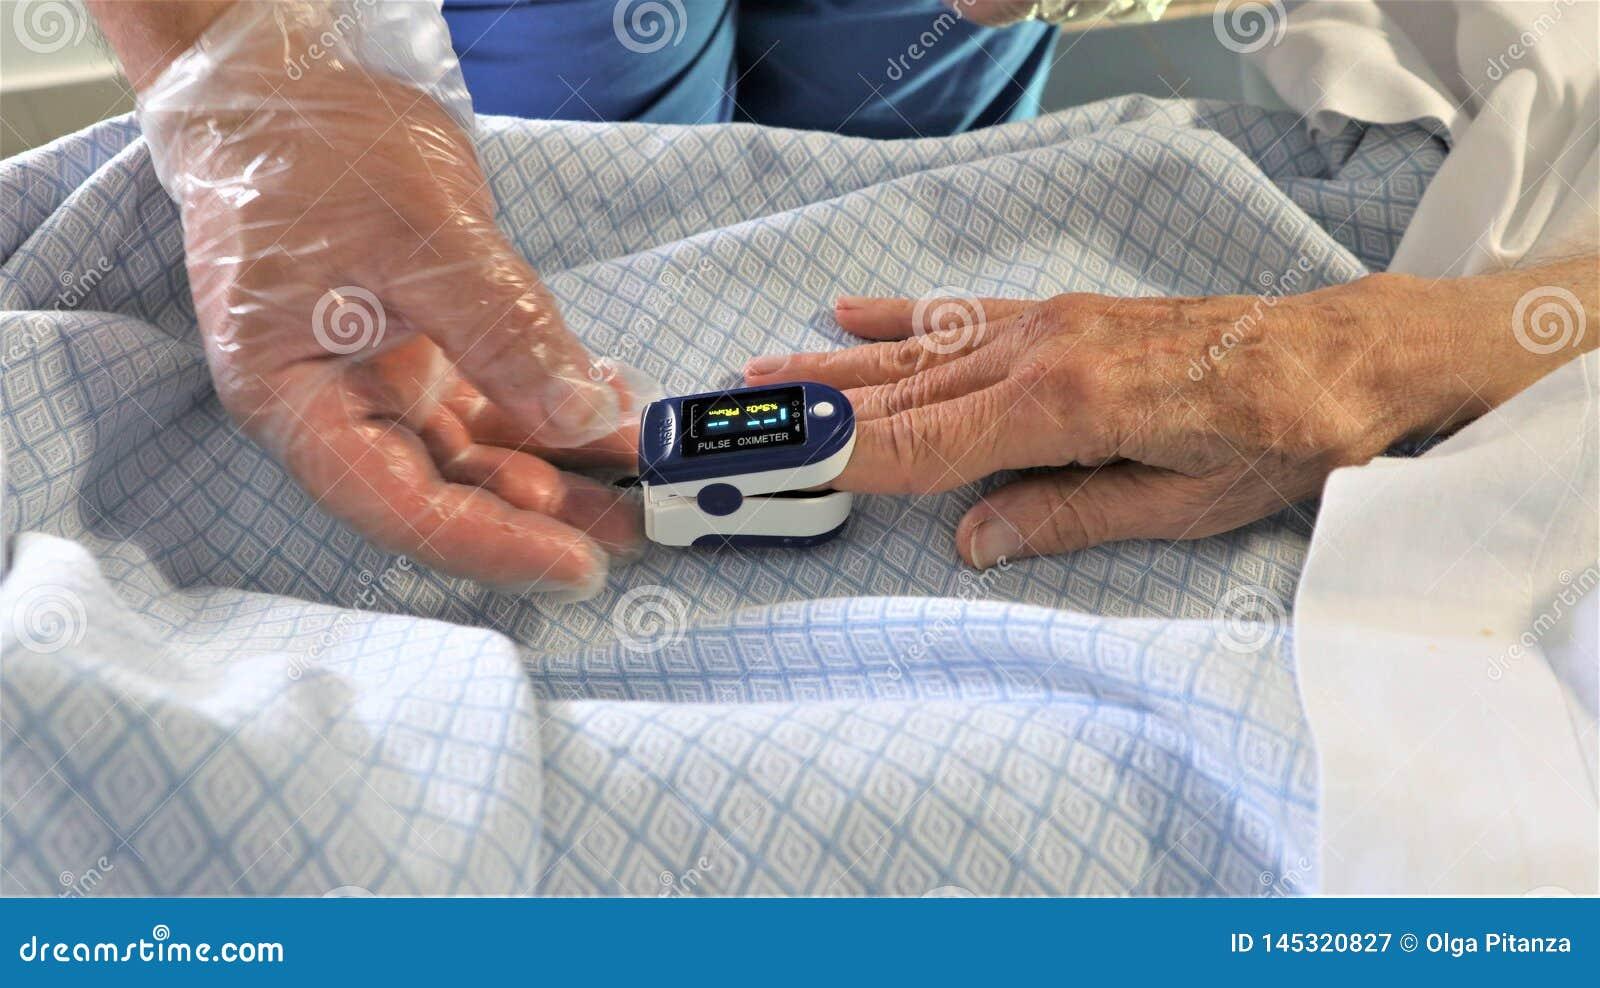 Сотрудник военно-медицинской службы и пациент используя оксиметр ИМПа ульс пальца